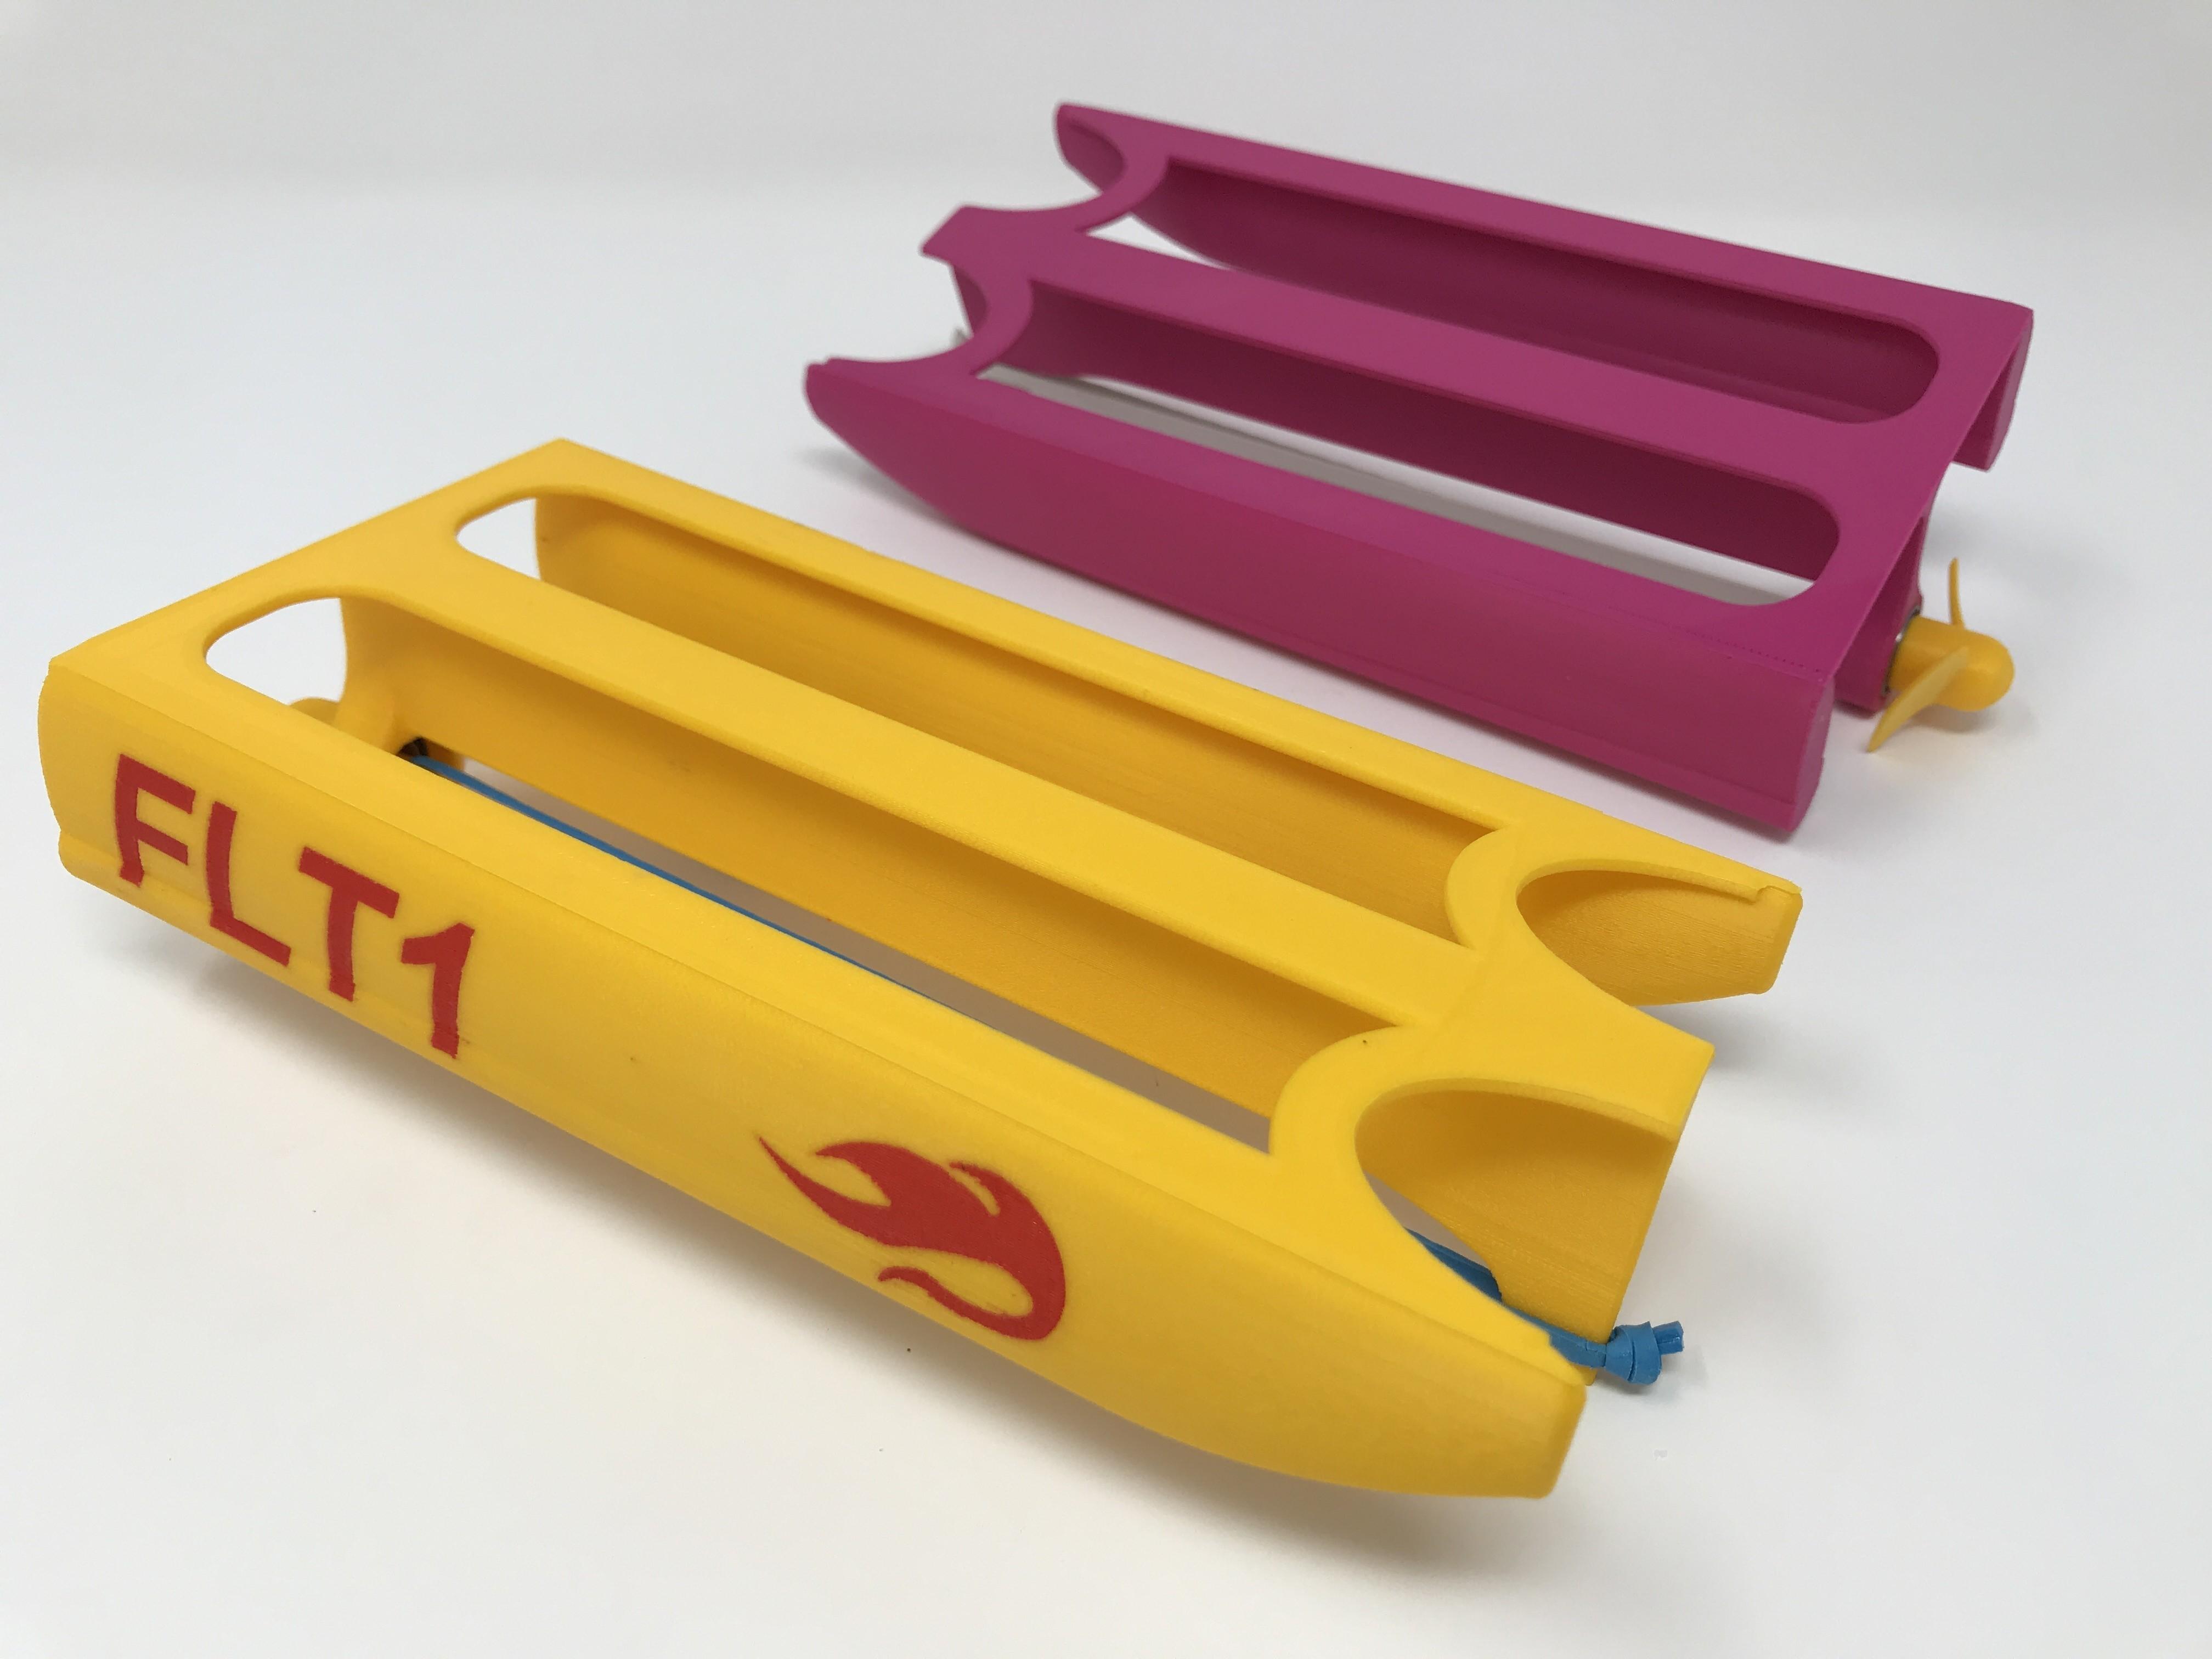 IMG_0629.jpg Download free STL file Fab Lab Tulsa 1 (FLT1) • Template to 3D print, gzumwalt